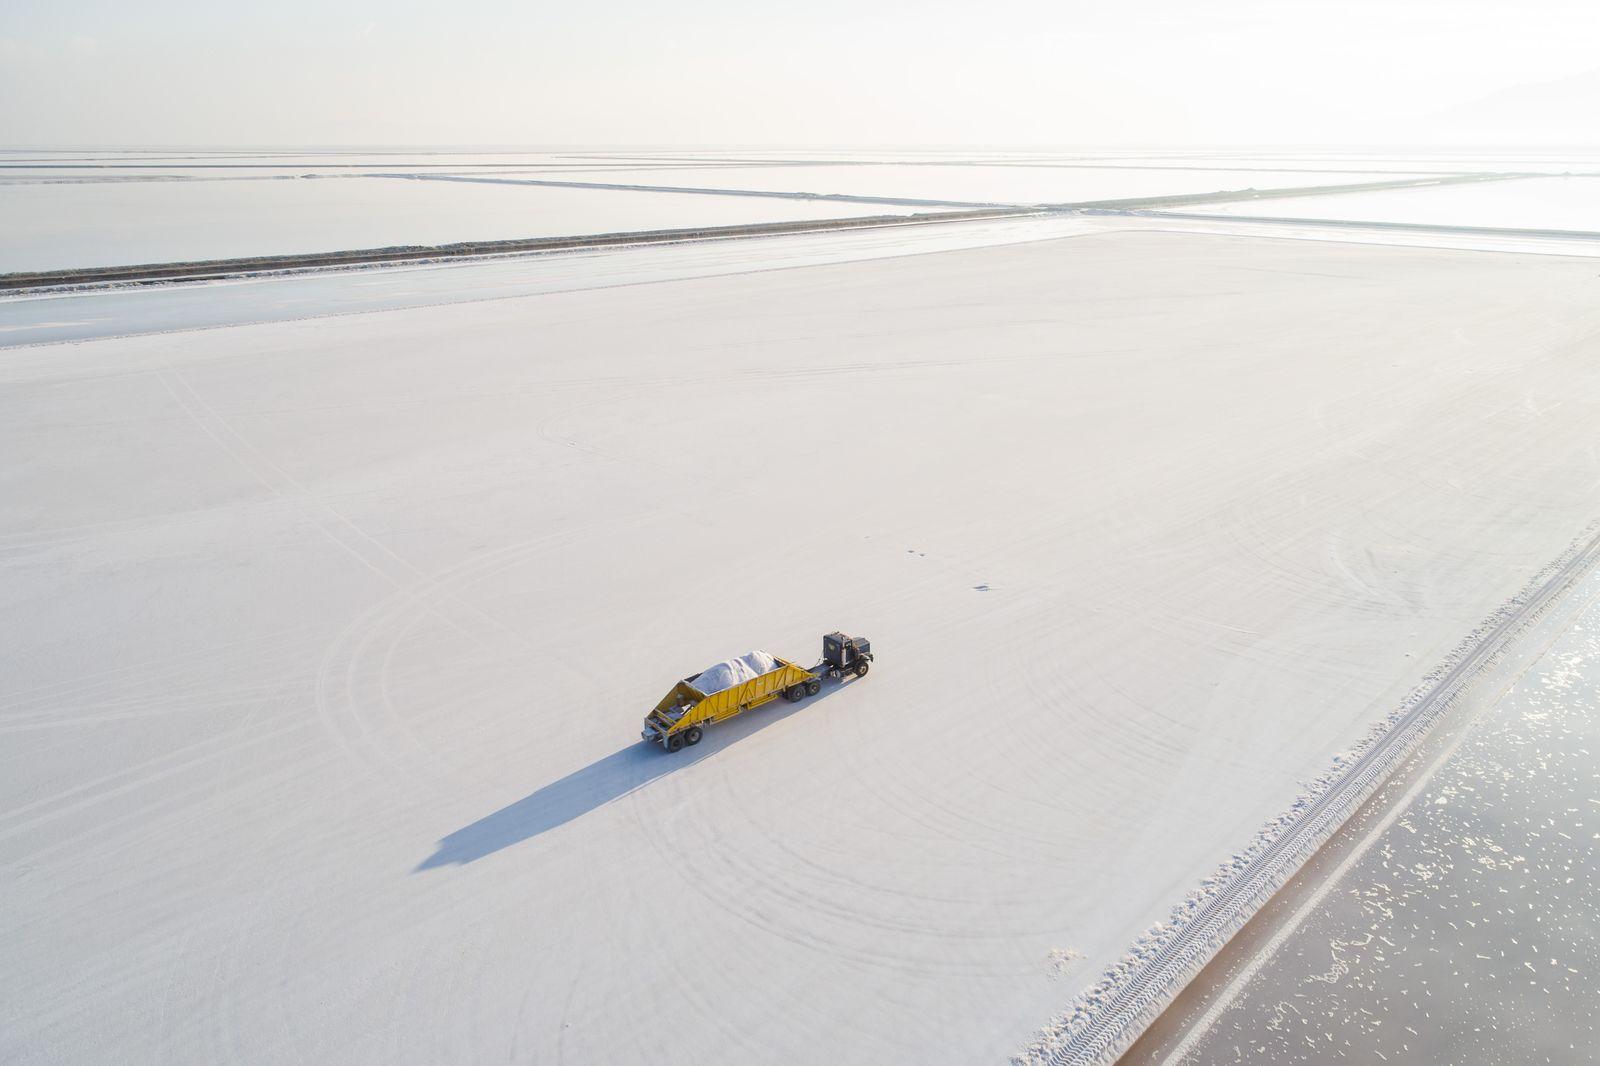 Utah's Great Salt Lake is shrinking, Grantsville, USA - 08 Oct 2020